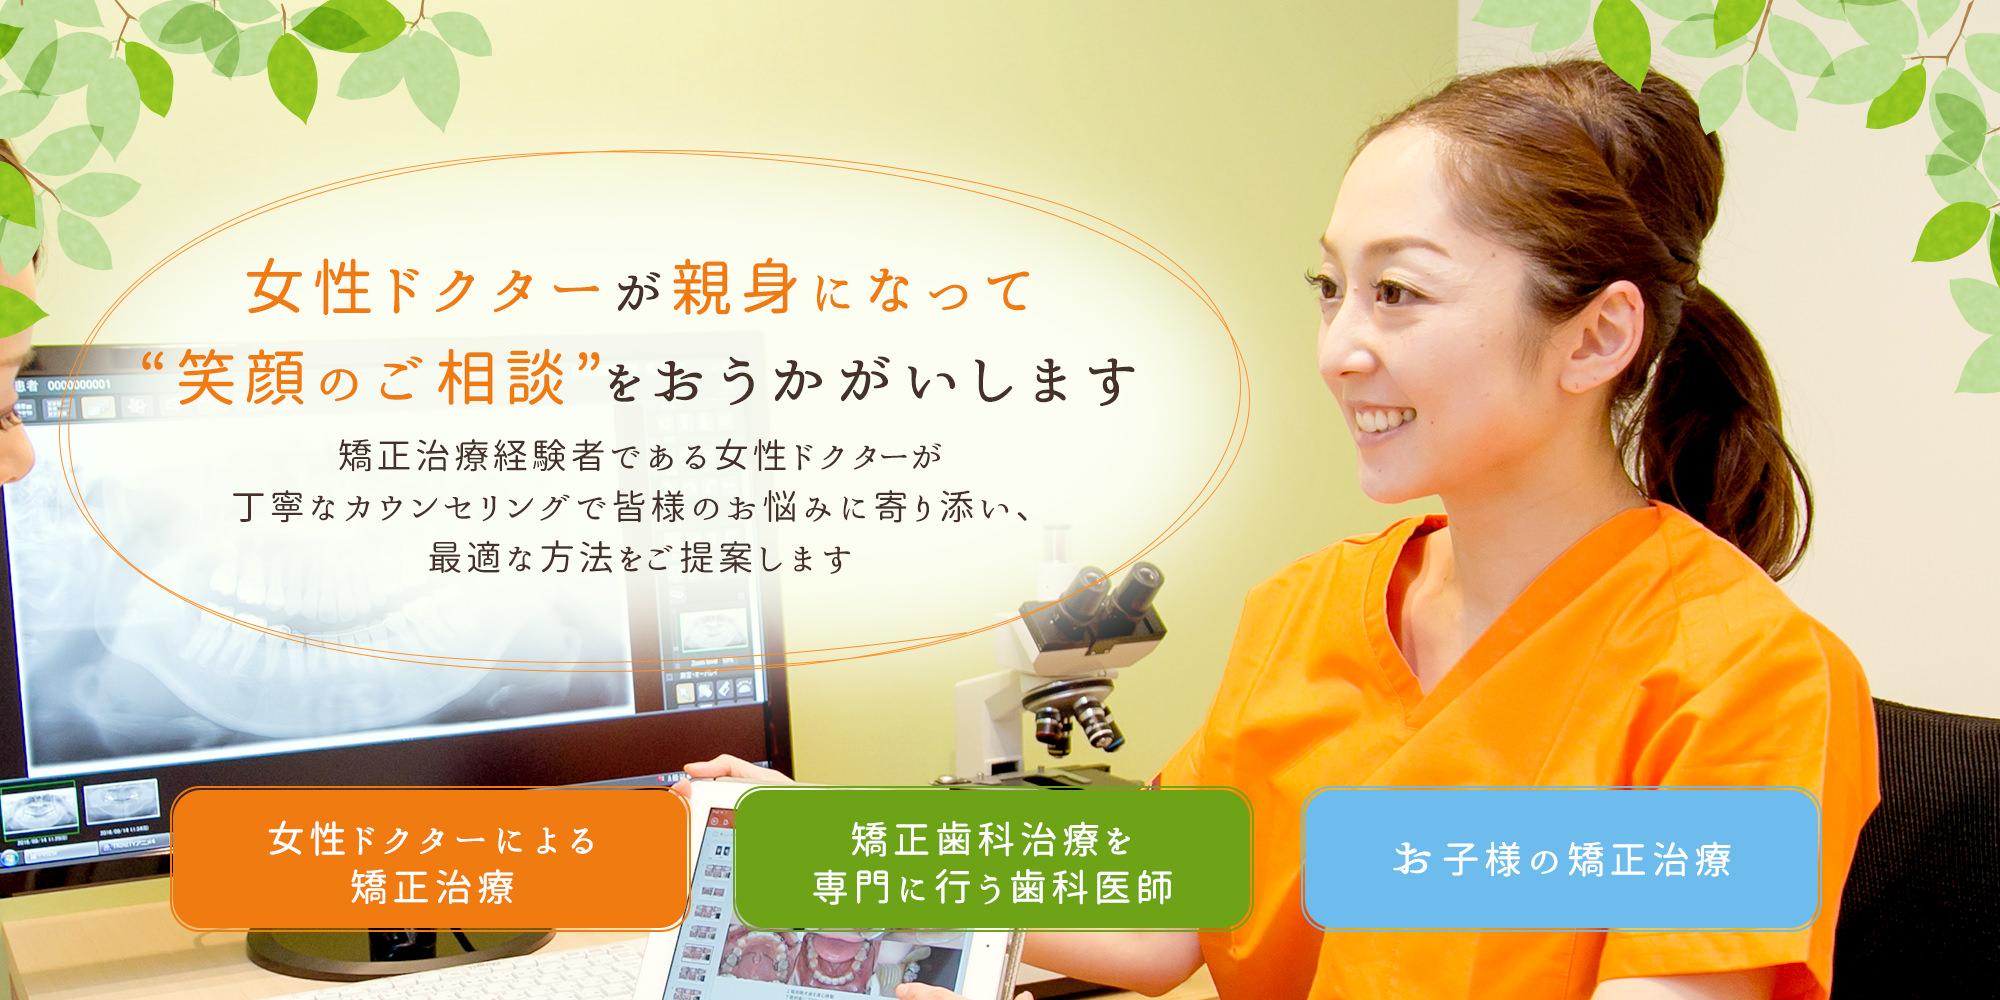 """女性ドクターが親身になって """"笑顔のご相談""""をおうかがいします"""